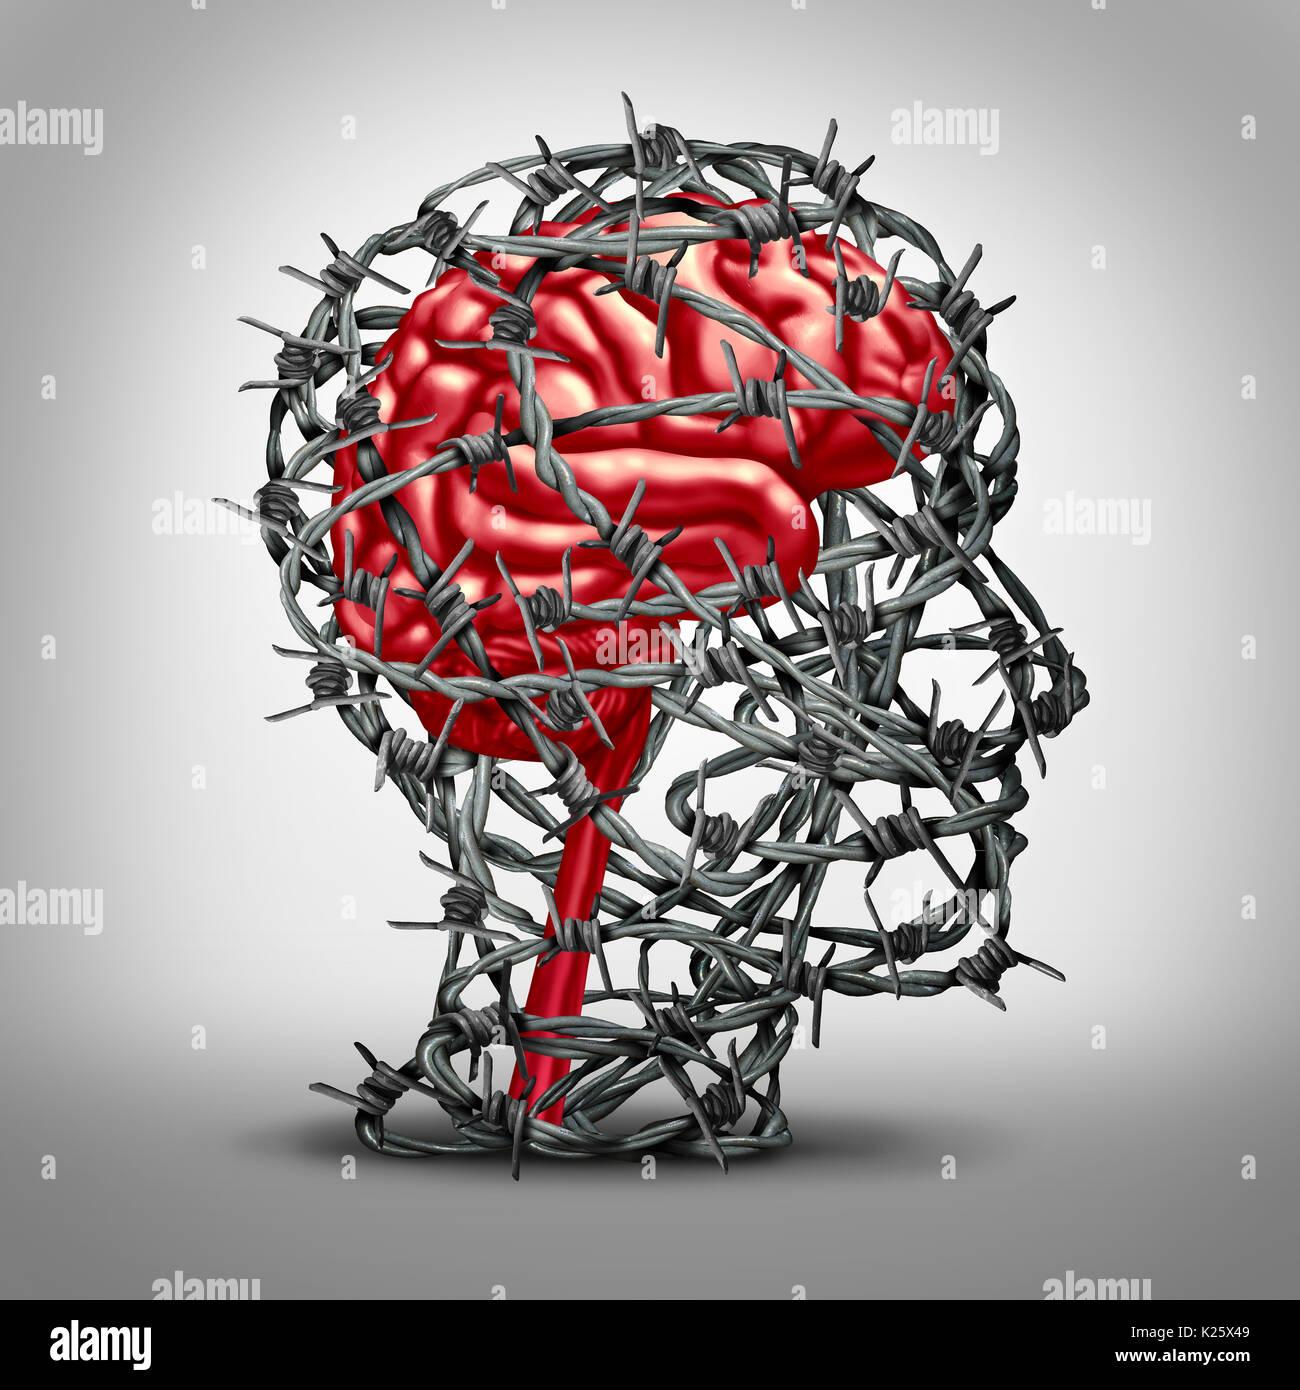 Cervello il concetto di protezione e proteggere la mente icona come la salute mentale medicina idea con un pensiero umano organo protetto dal metallo di filo spinato. Immagini Stock